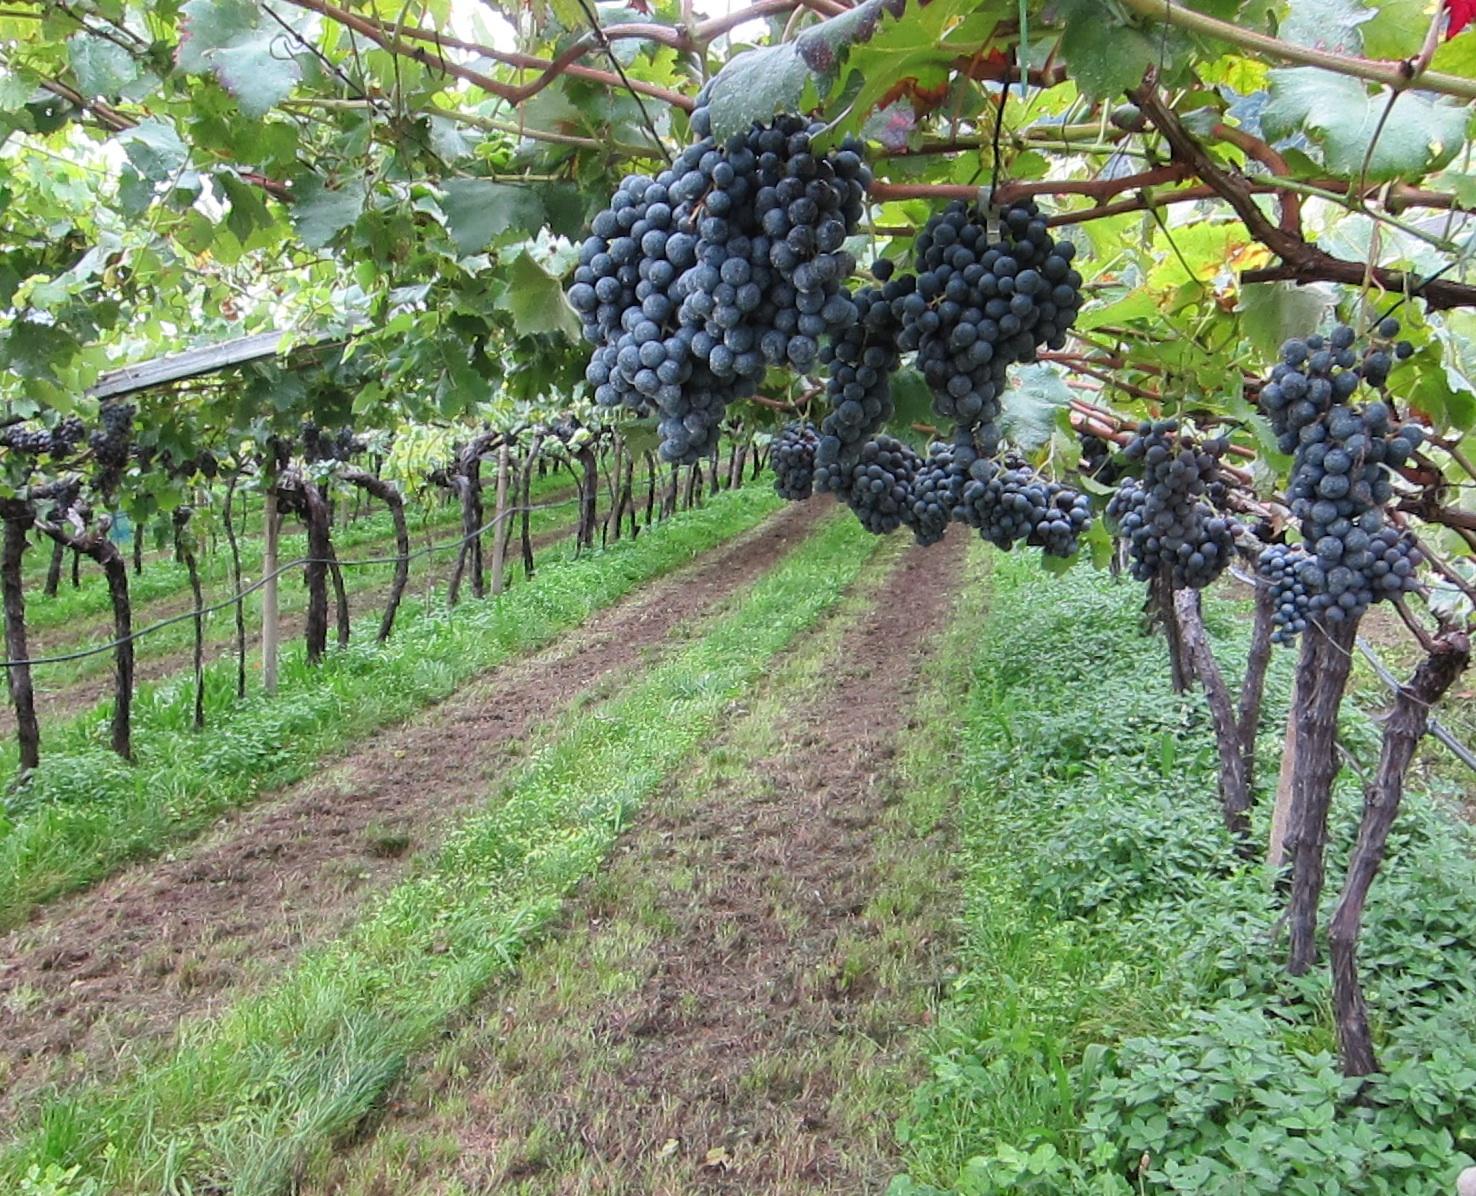 Schiava vines in Alto Adige, Italy; photo by Hayley Hamilton Cogill